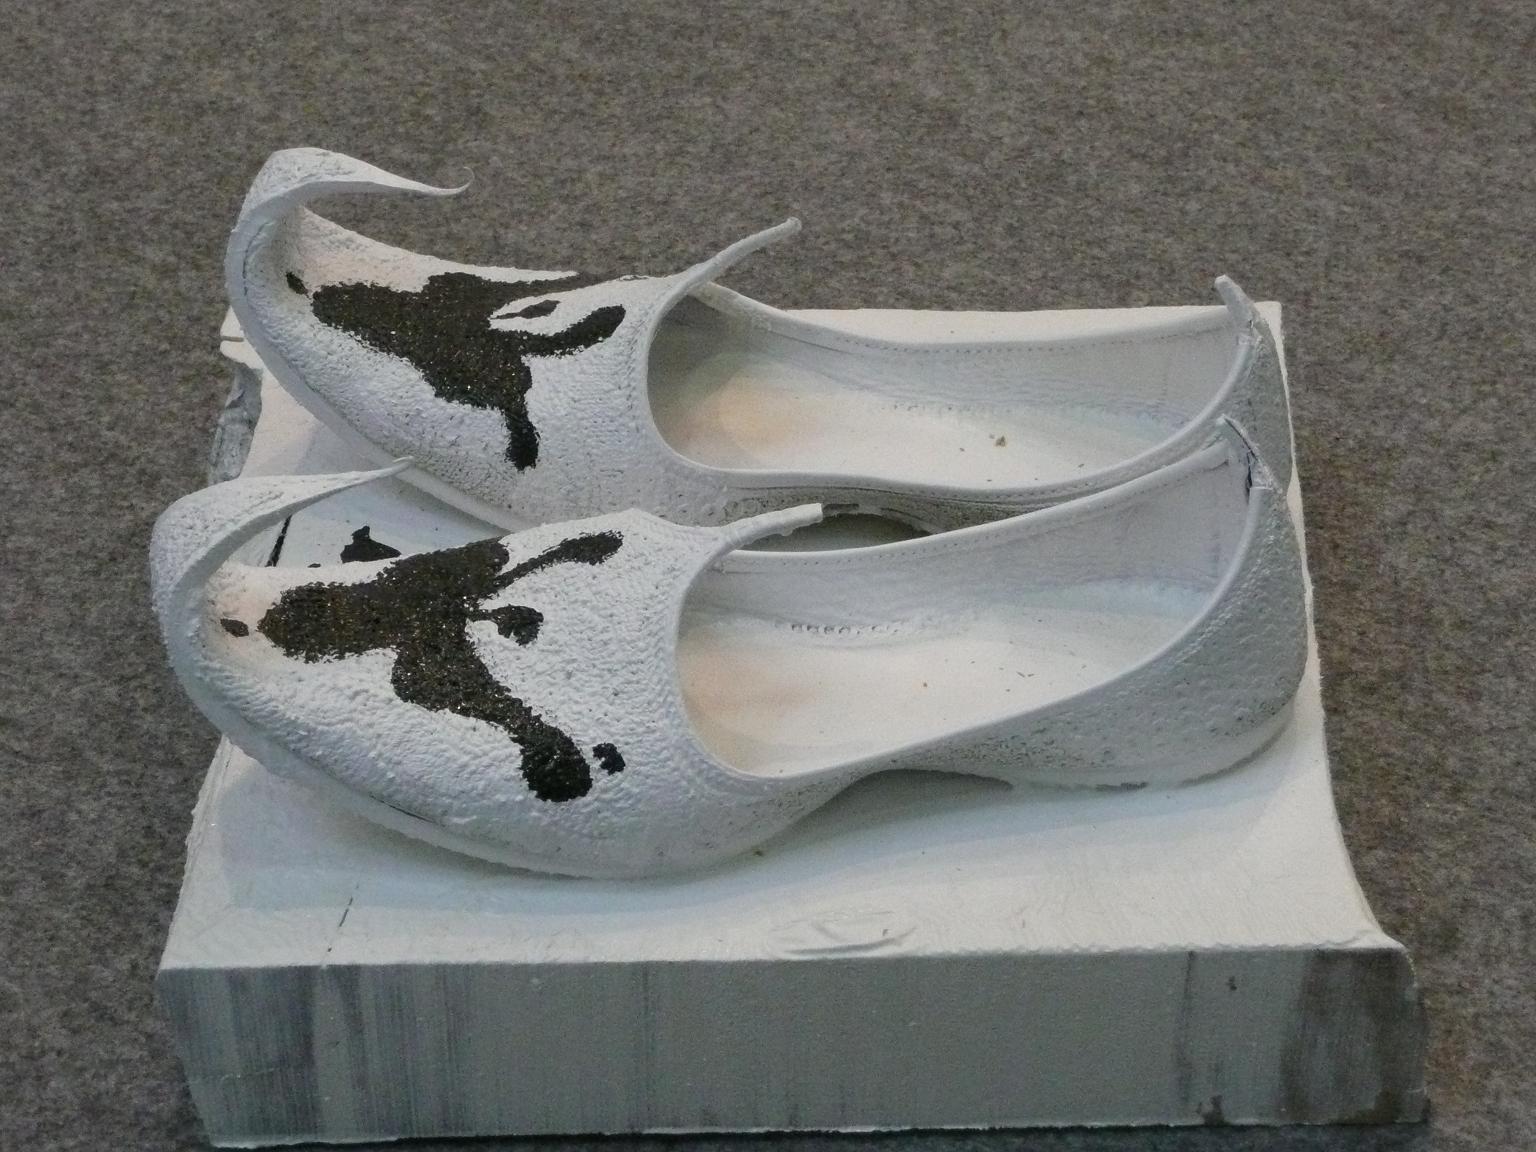 calzado bilbao 03